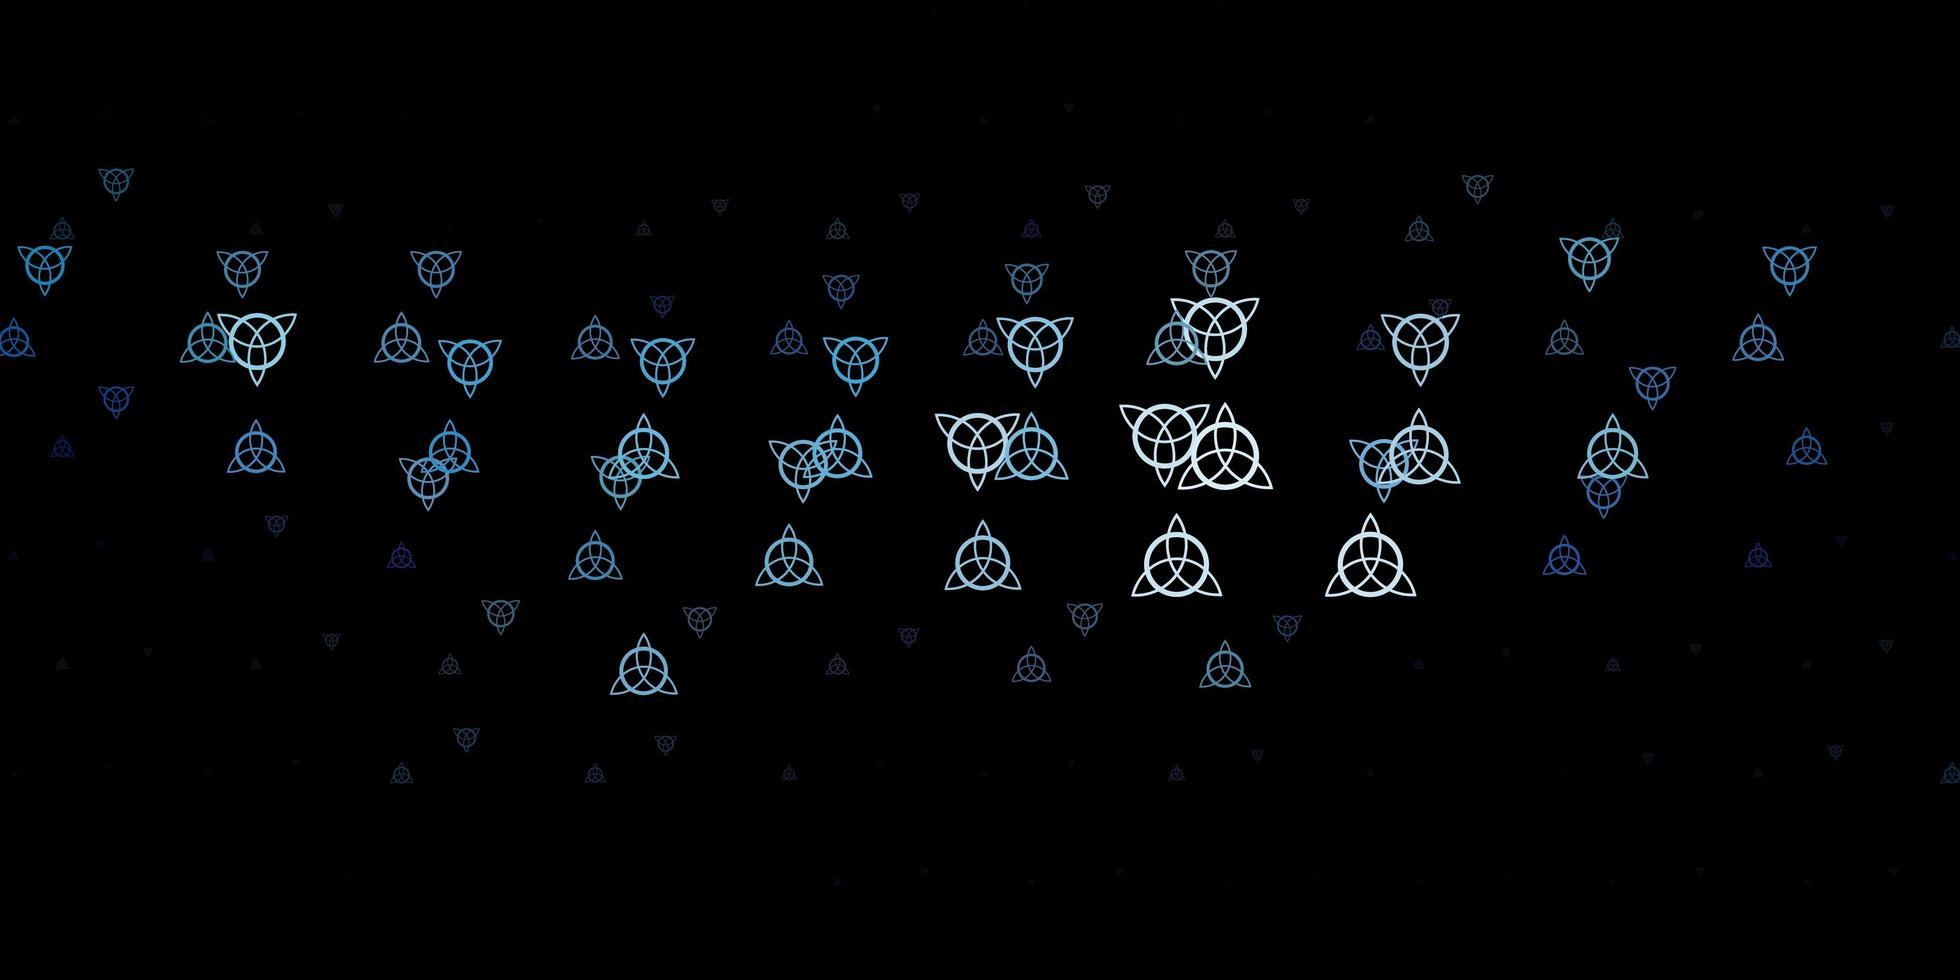 padrão de vetor azul escuro com elementos mágicos.